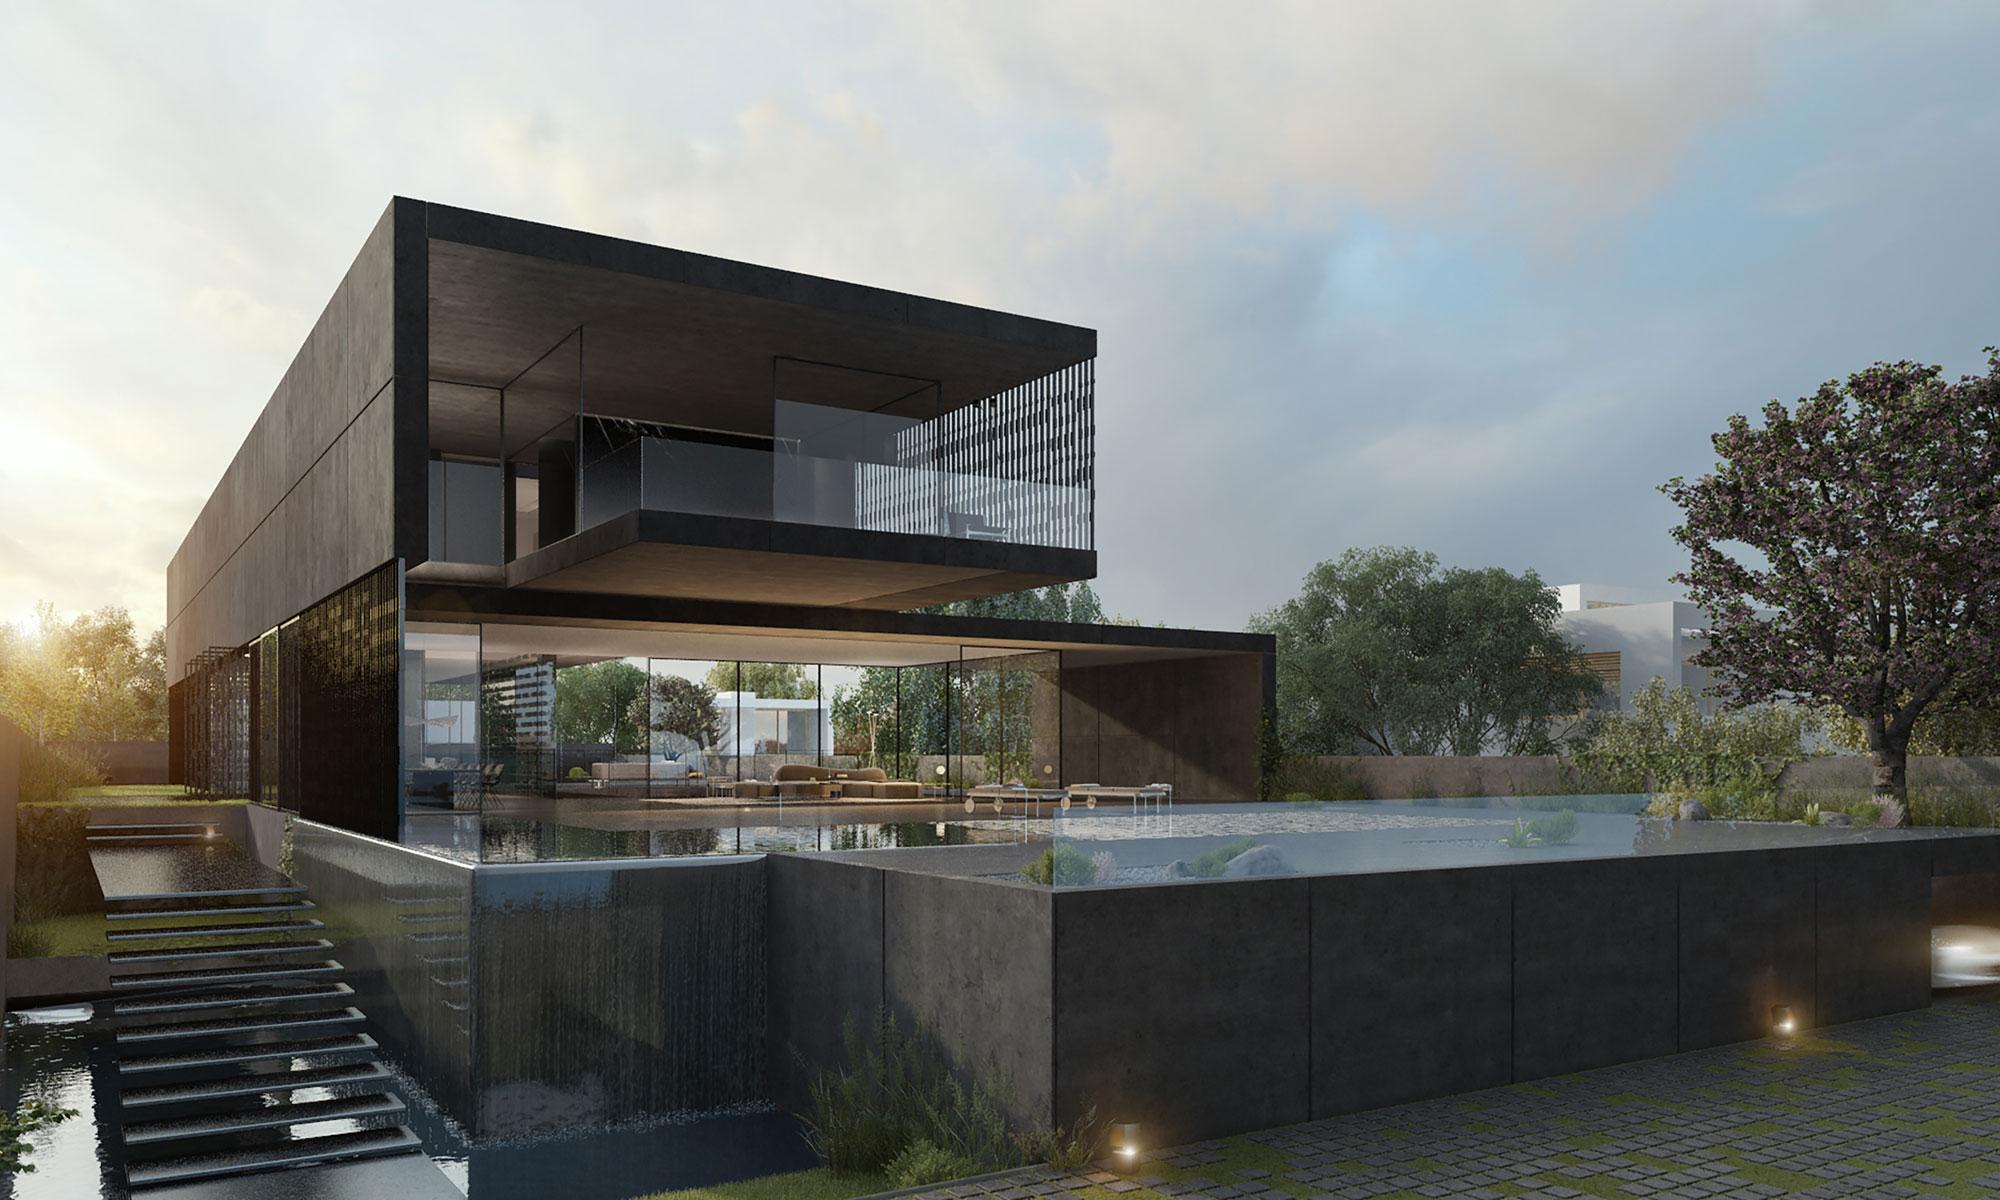 Black Concrete House - Pitsou Kedem